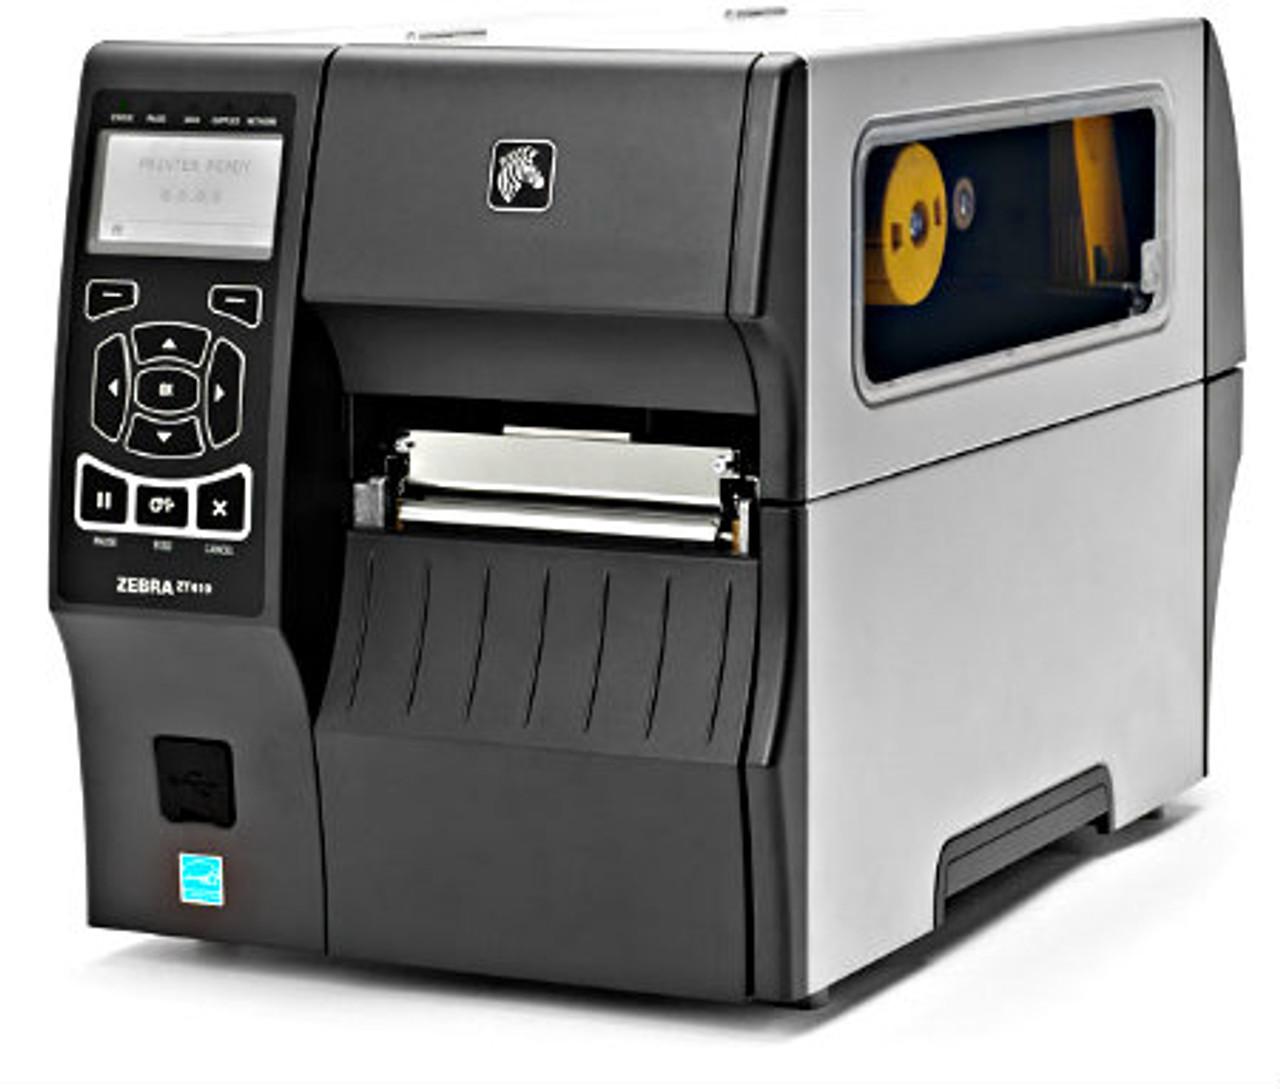 Zebra ZT410 Thermal Label Printer 203dpi